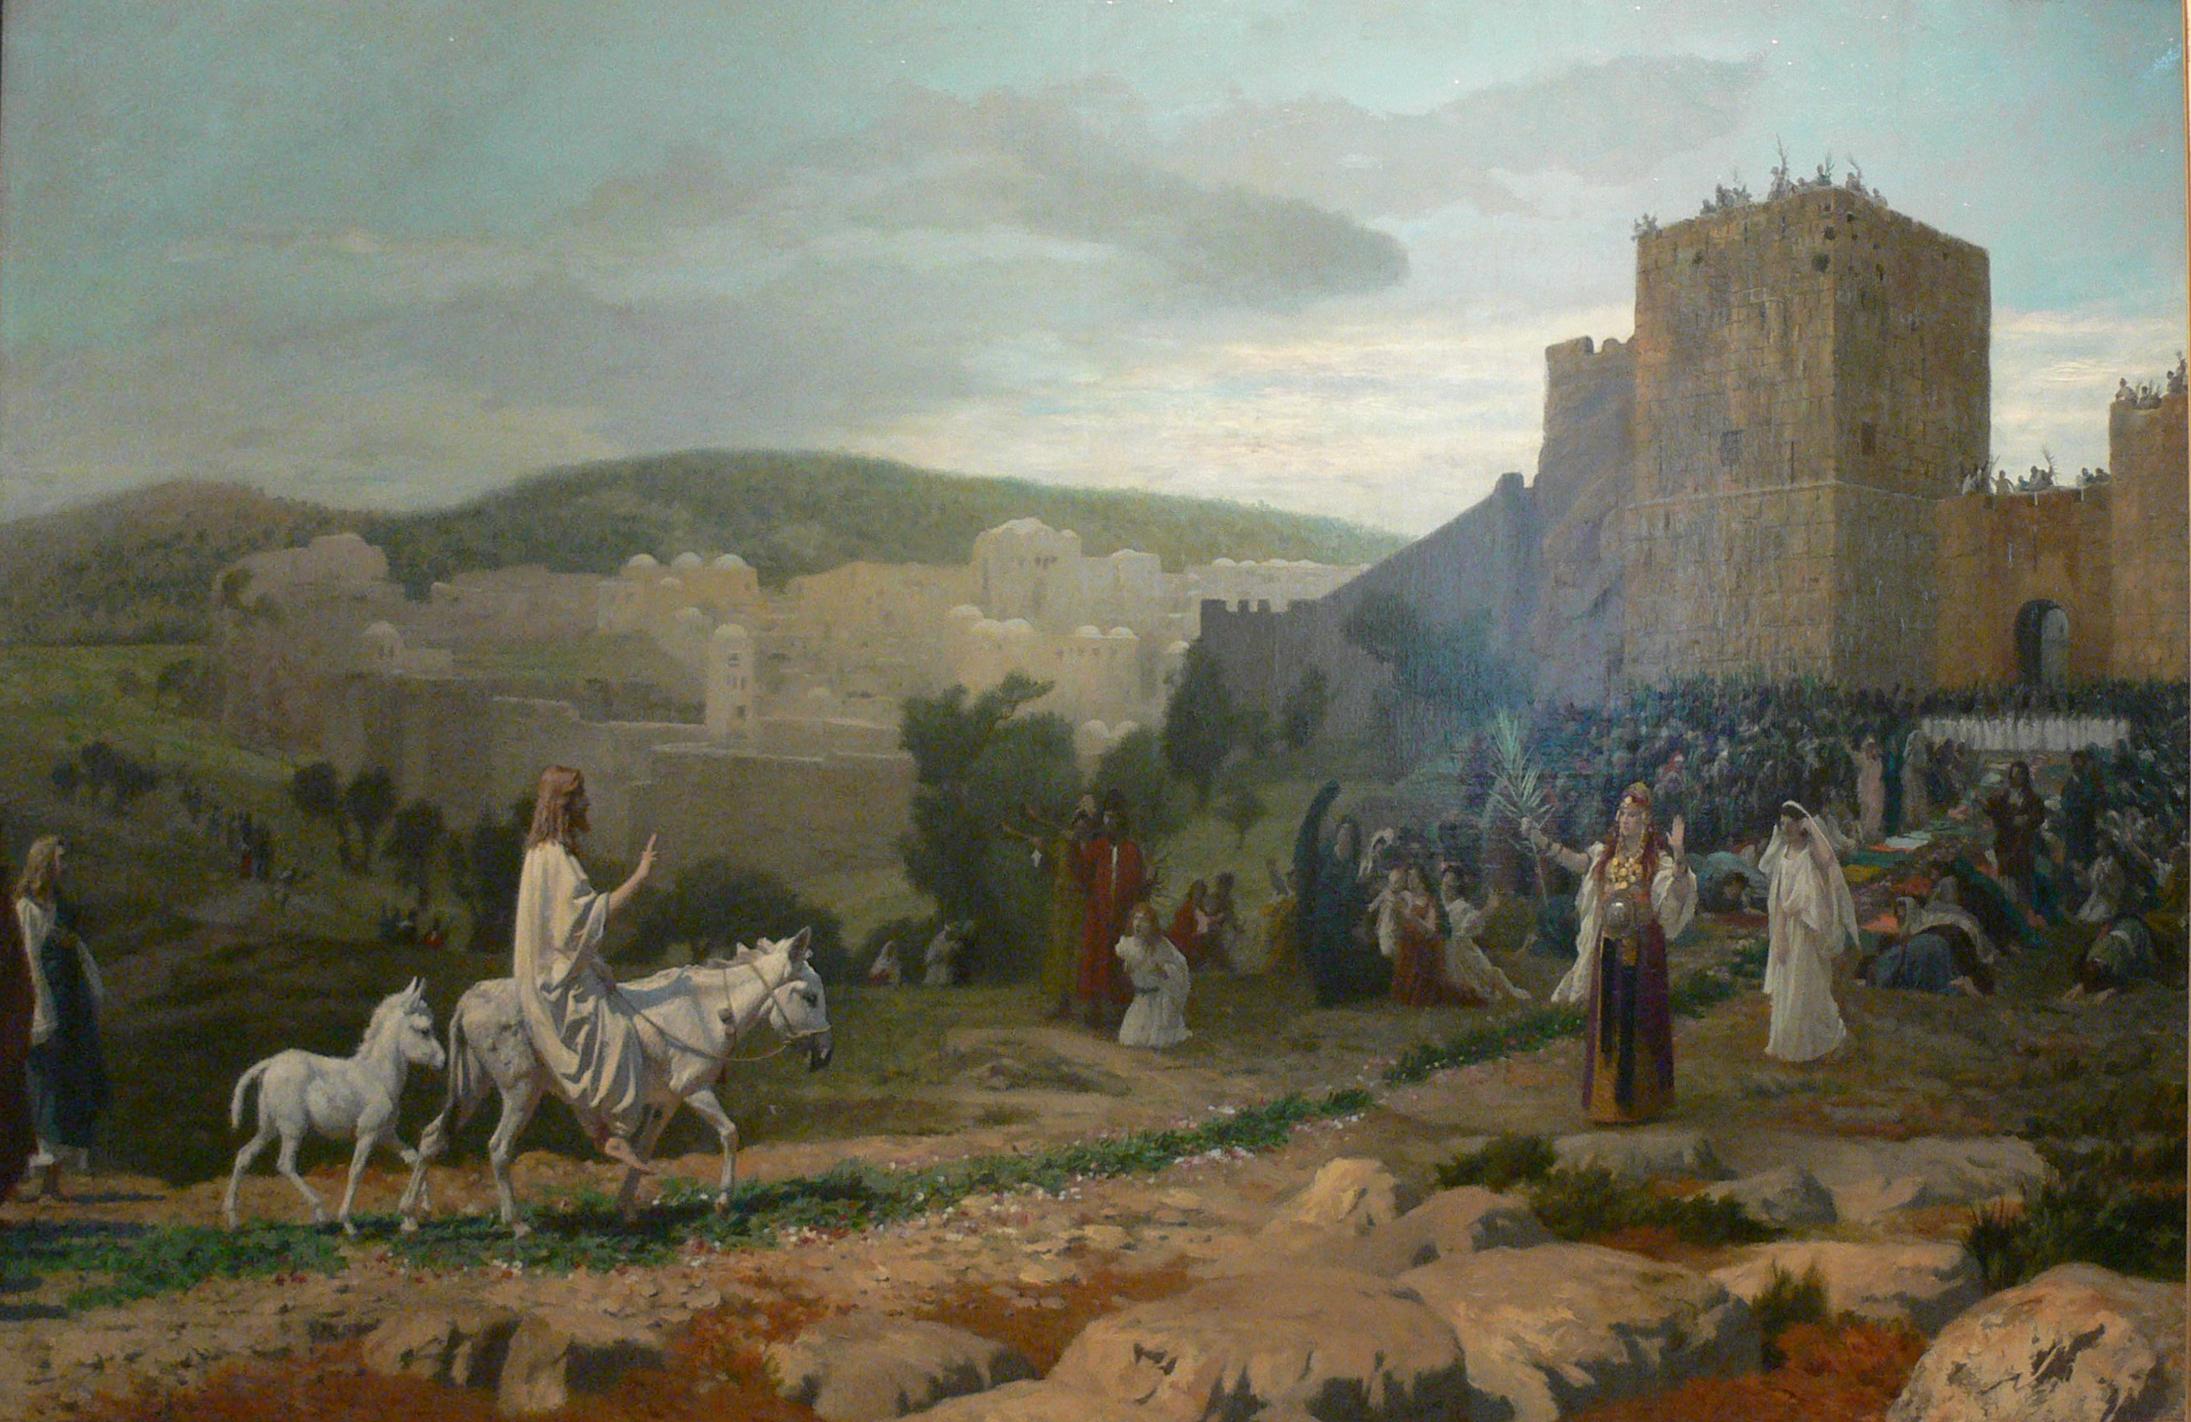 Jesus--Yeshua ben Yosef